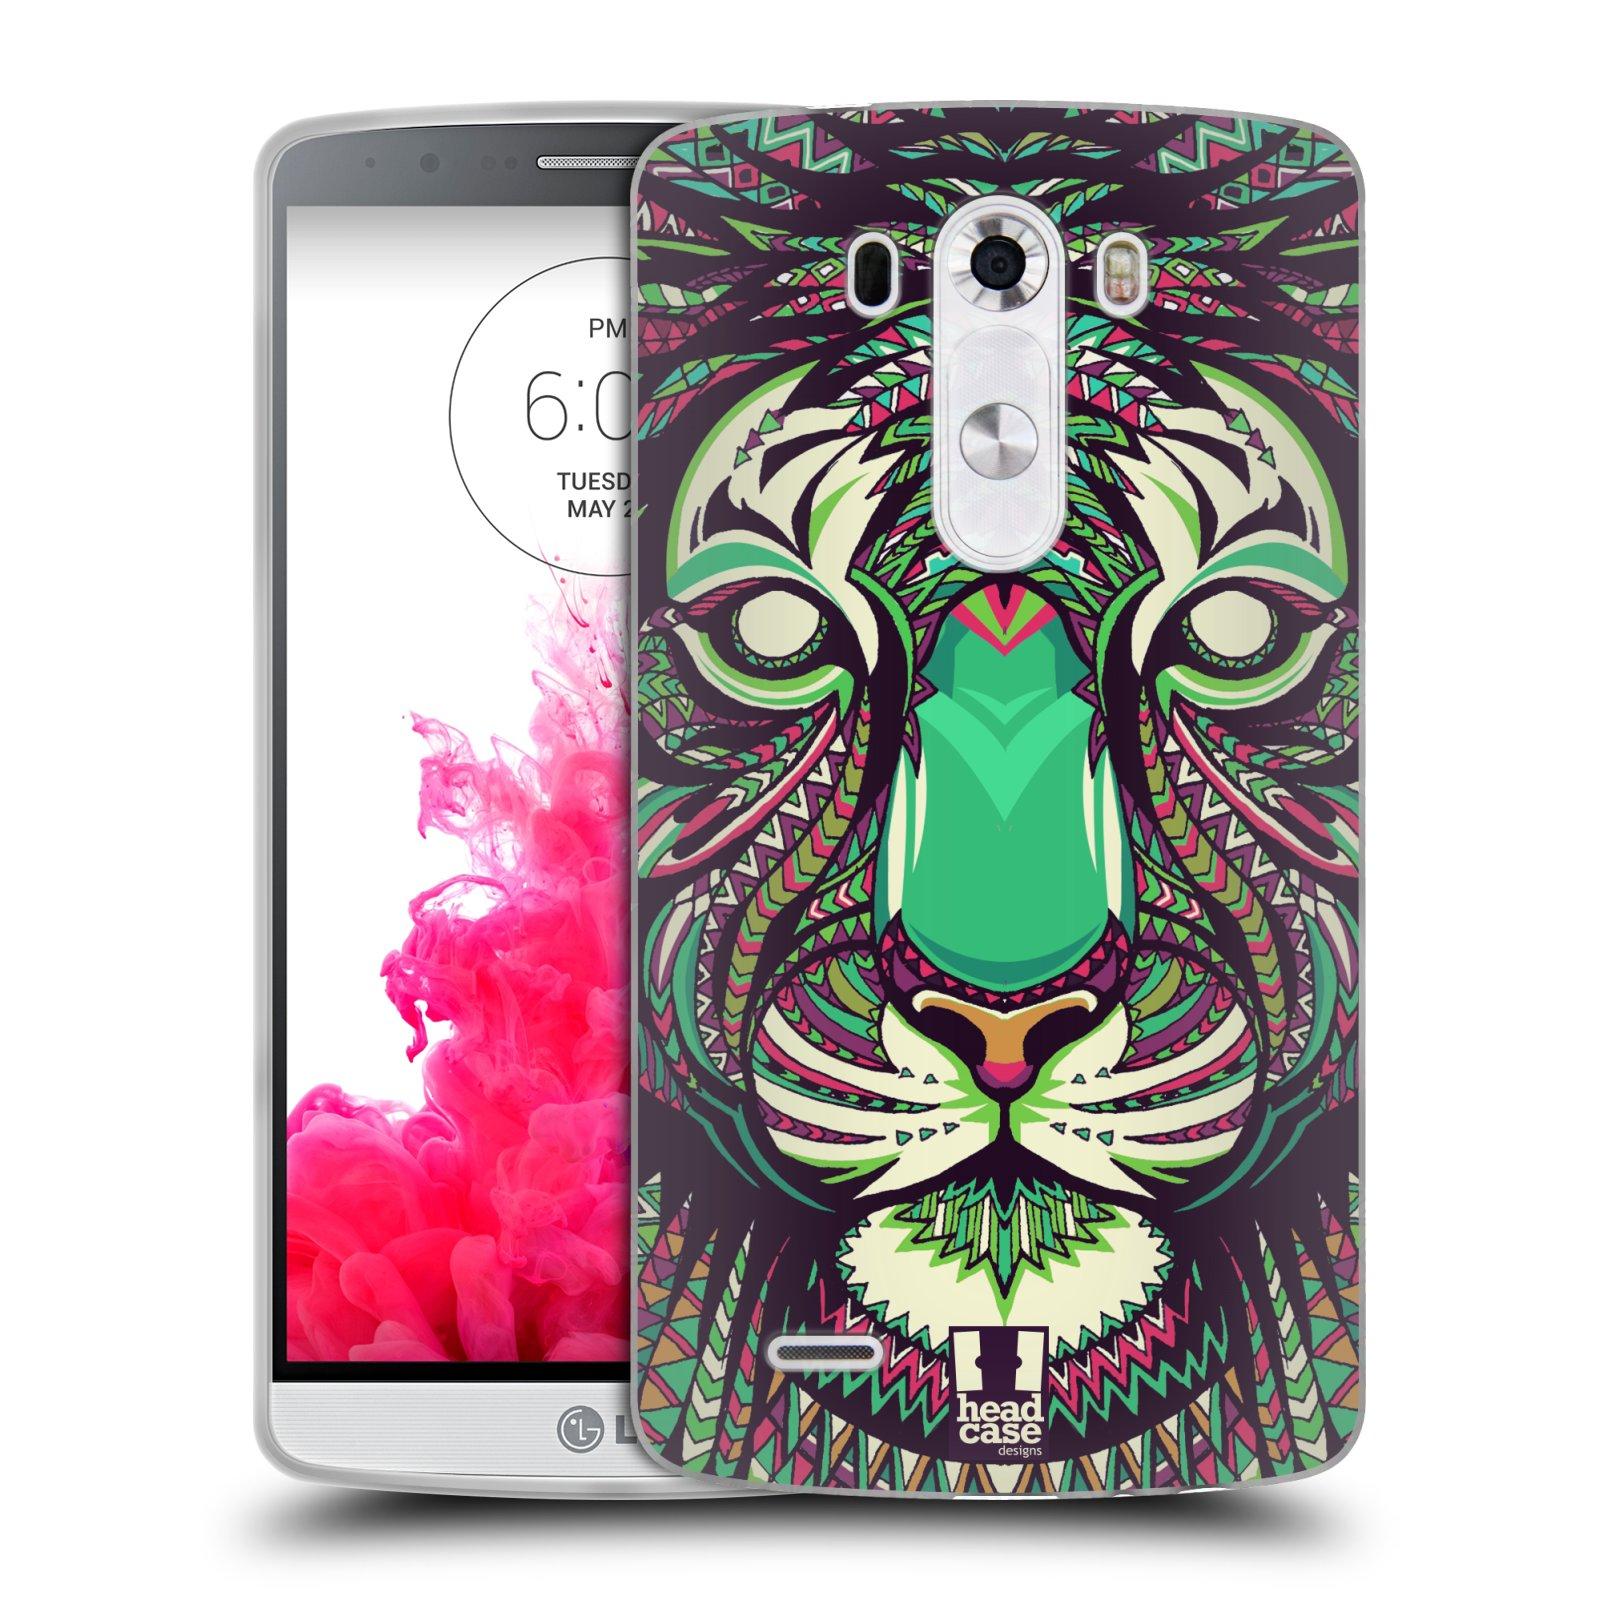 Silikonové pouzdro na mobil LG G3 HEAD CASE AZTEC TYGR (Silikonový kryt či obal na mobilní telefon LG G3 D855)